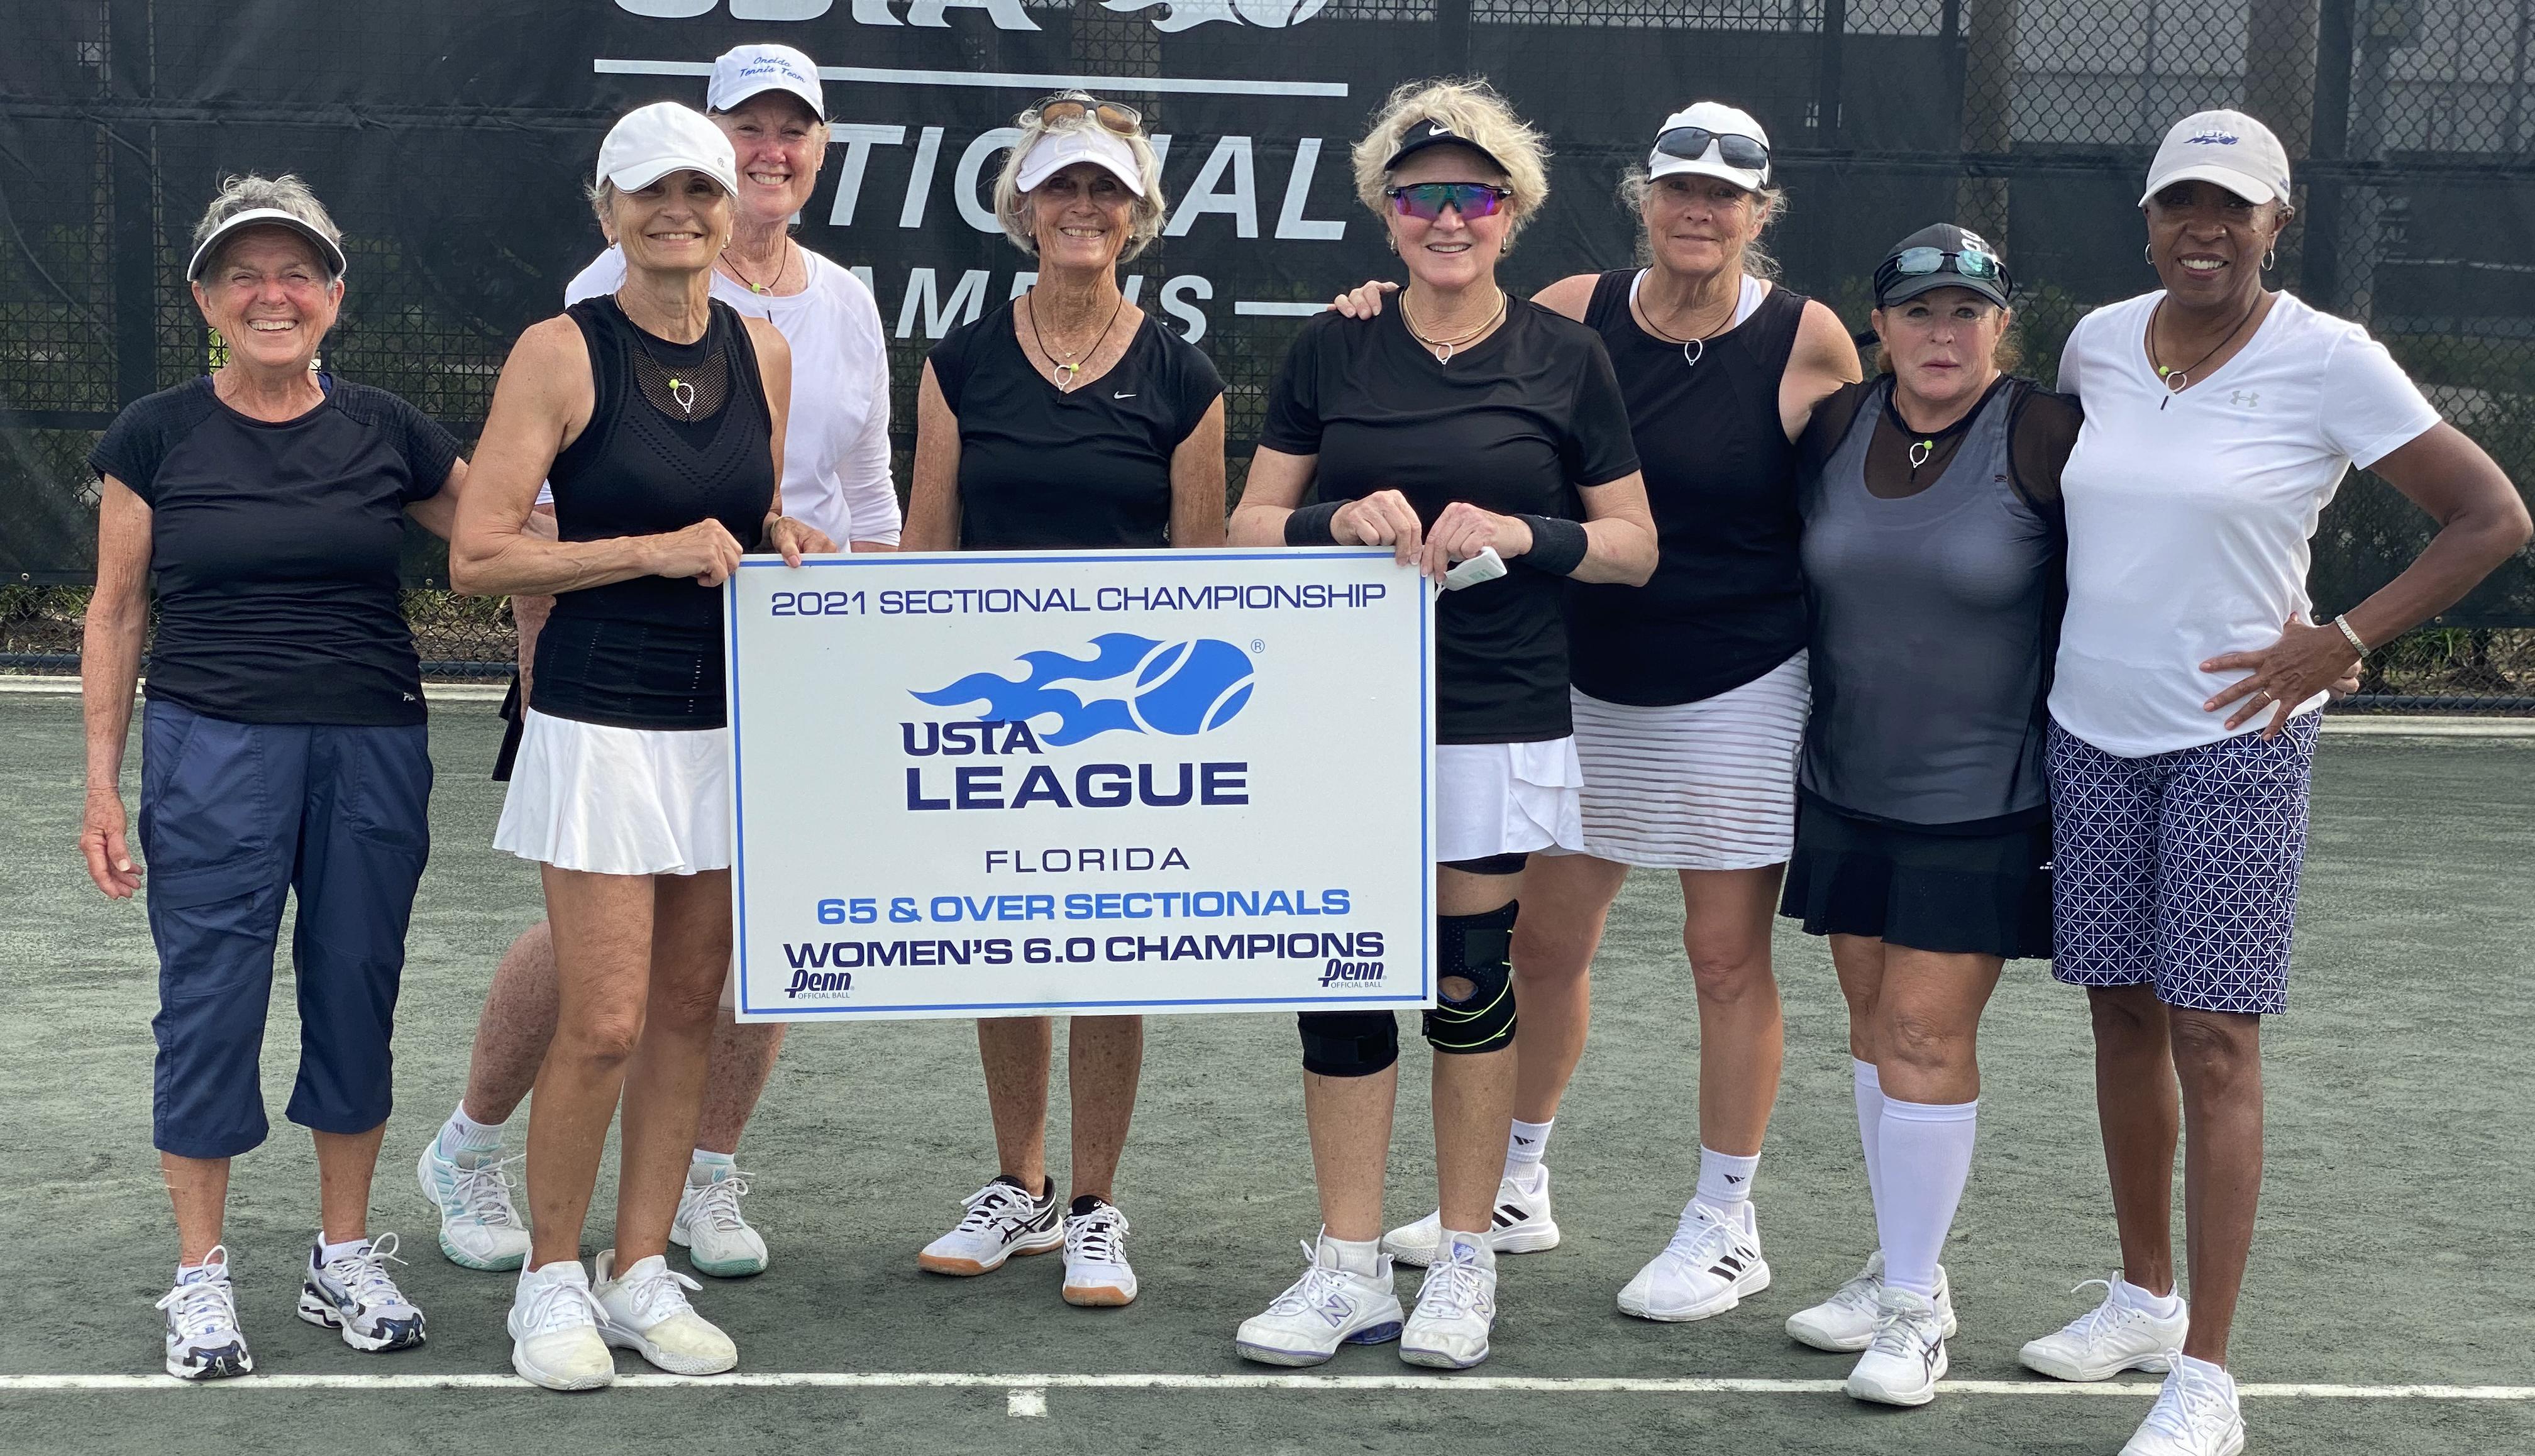 Leslie Hagan junto a su equipo de tenis de Marion County, Florida